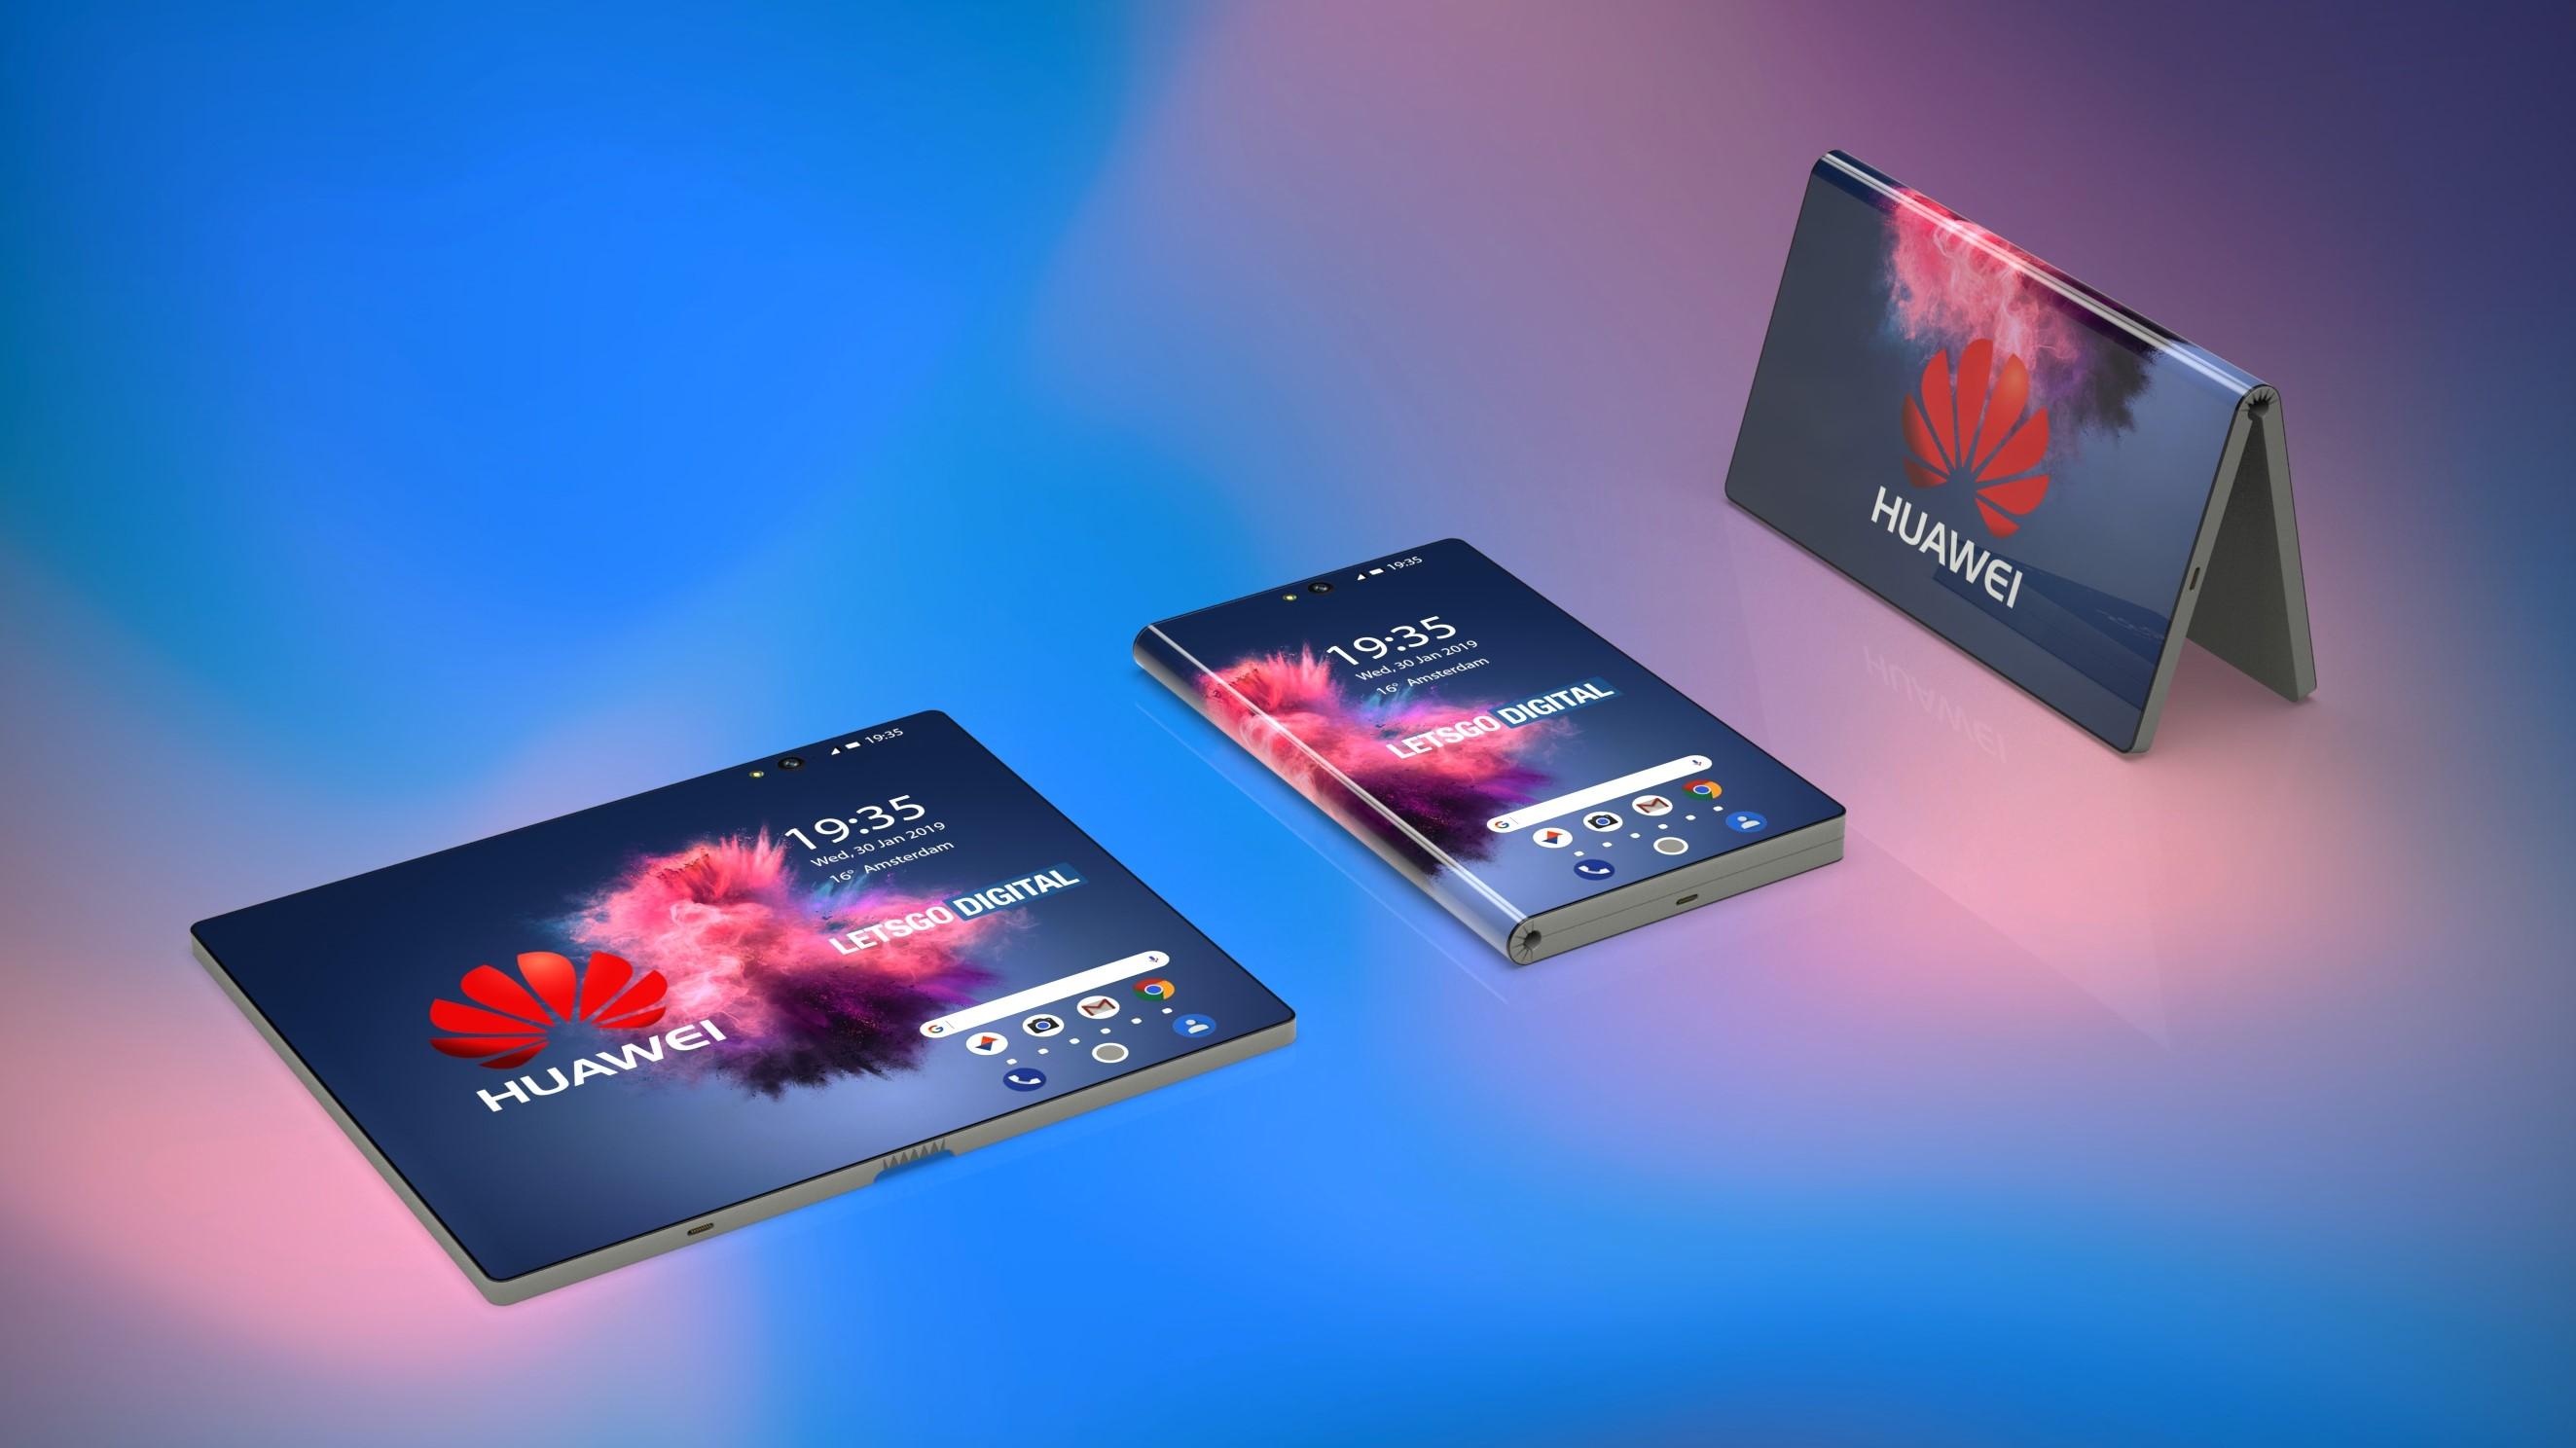 Les caractéristiques du Huawei Mate X Foldable